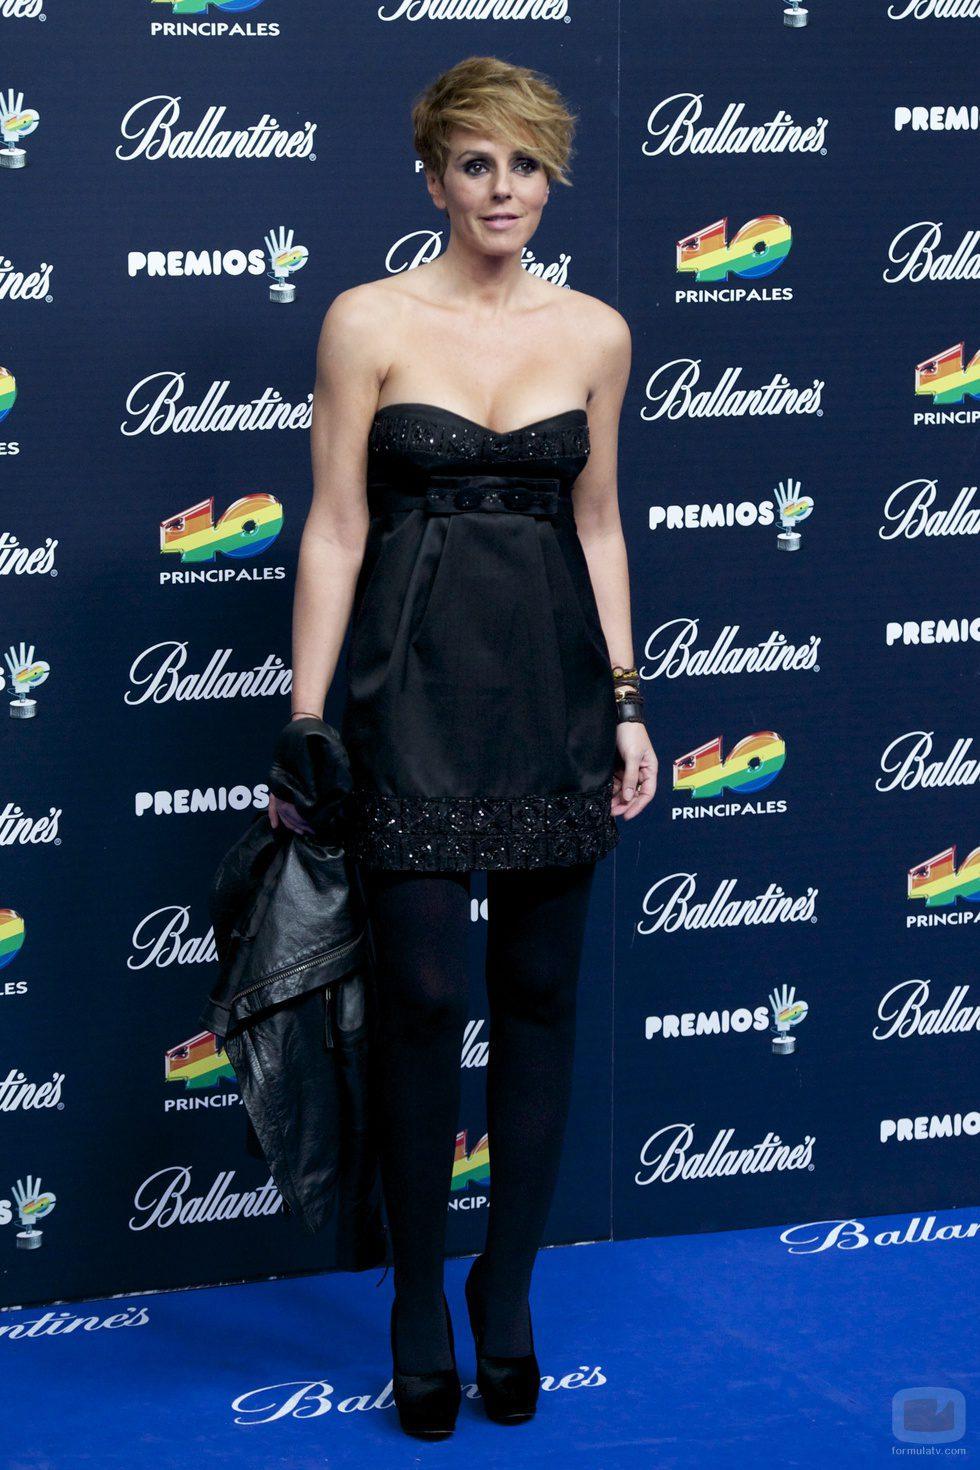 Rocio Carrasco en los premios 40 principales 2014